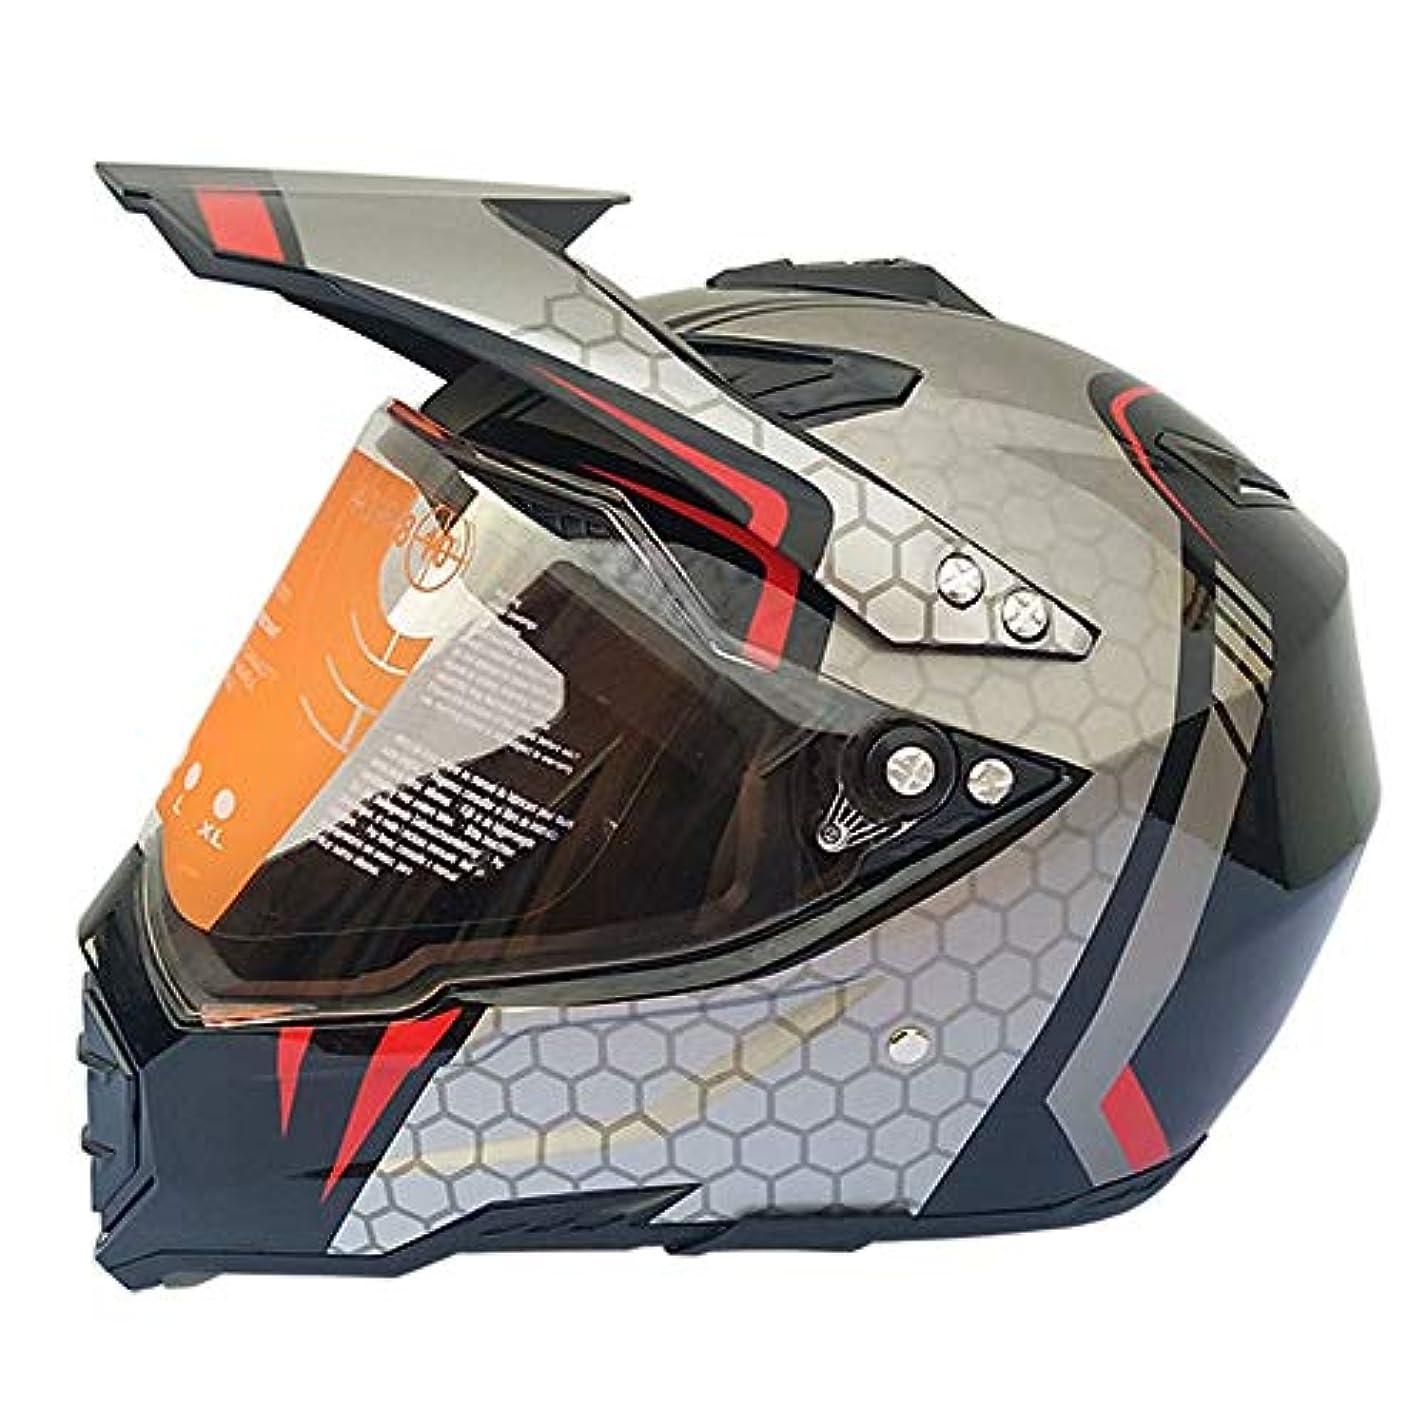 インキュバスズーム疲労TOMSSL高品質 モトクロスヘルメットロードオフロードレーシングヘルメットメンズ四季快適かつ通気性の完全なカバレッジ TOMSSL高品質